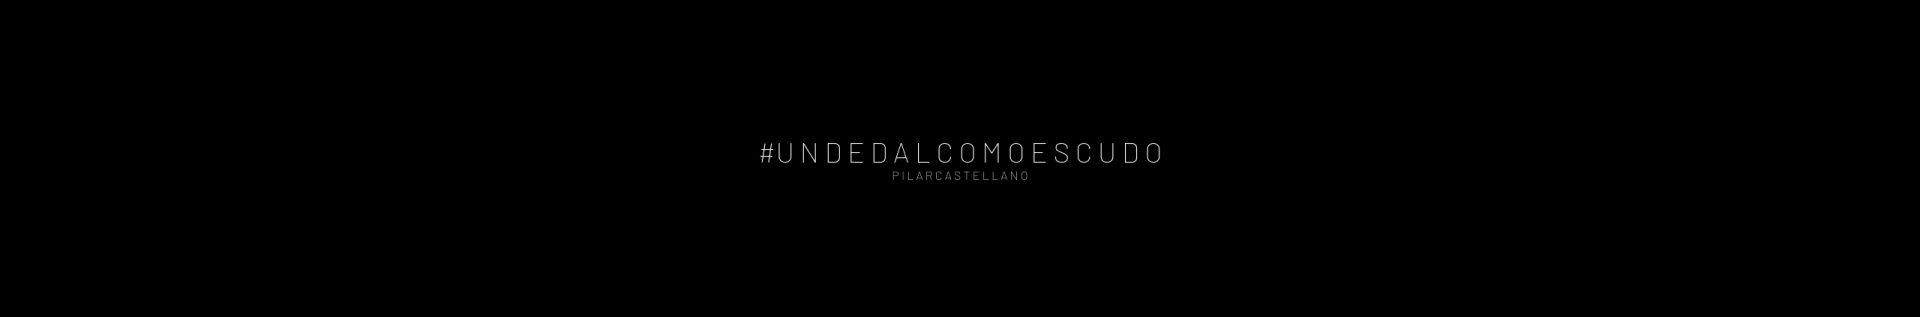 #UnDedalComoEscudo